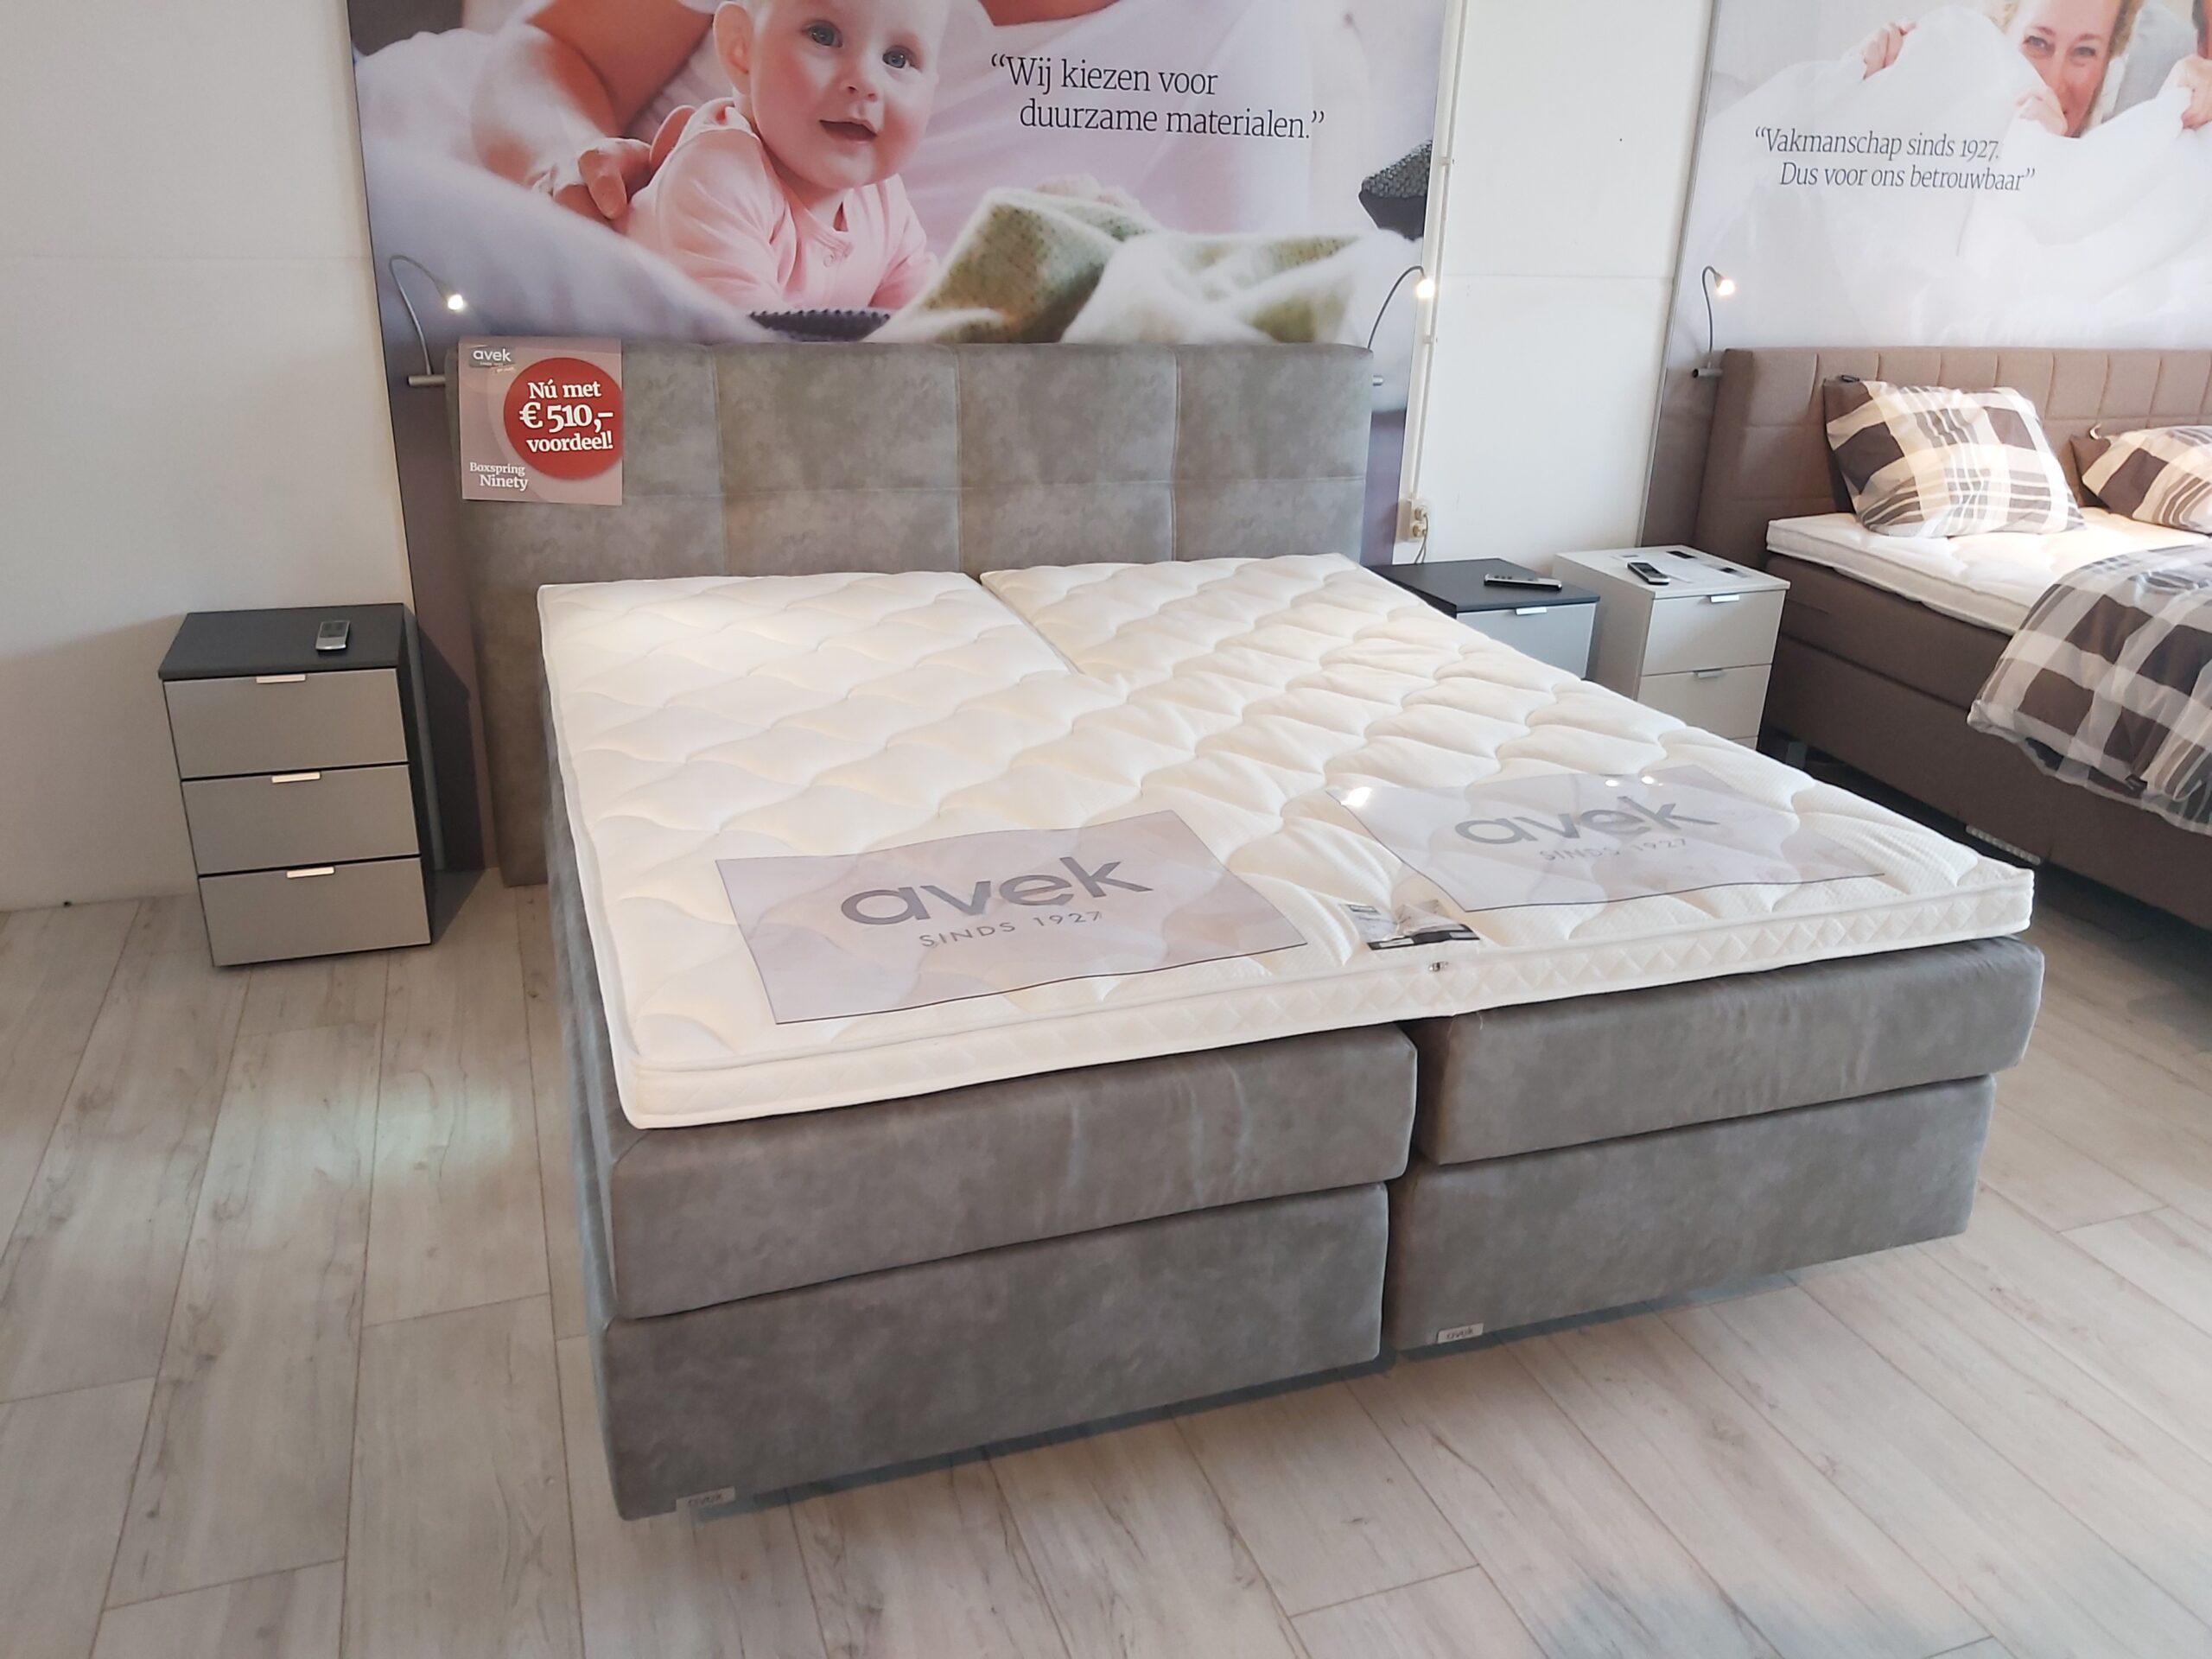 Avek-boxspring-ninety-180x210-sale-uitverkoop